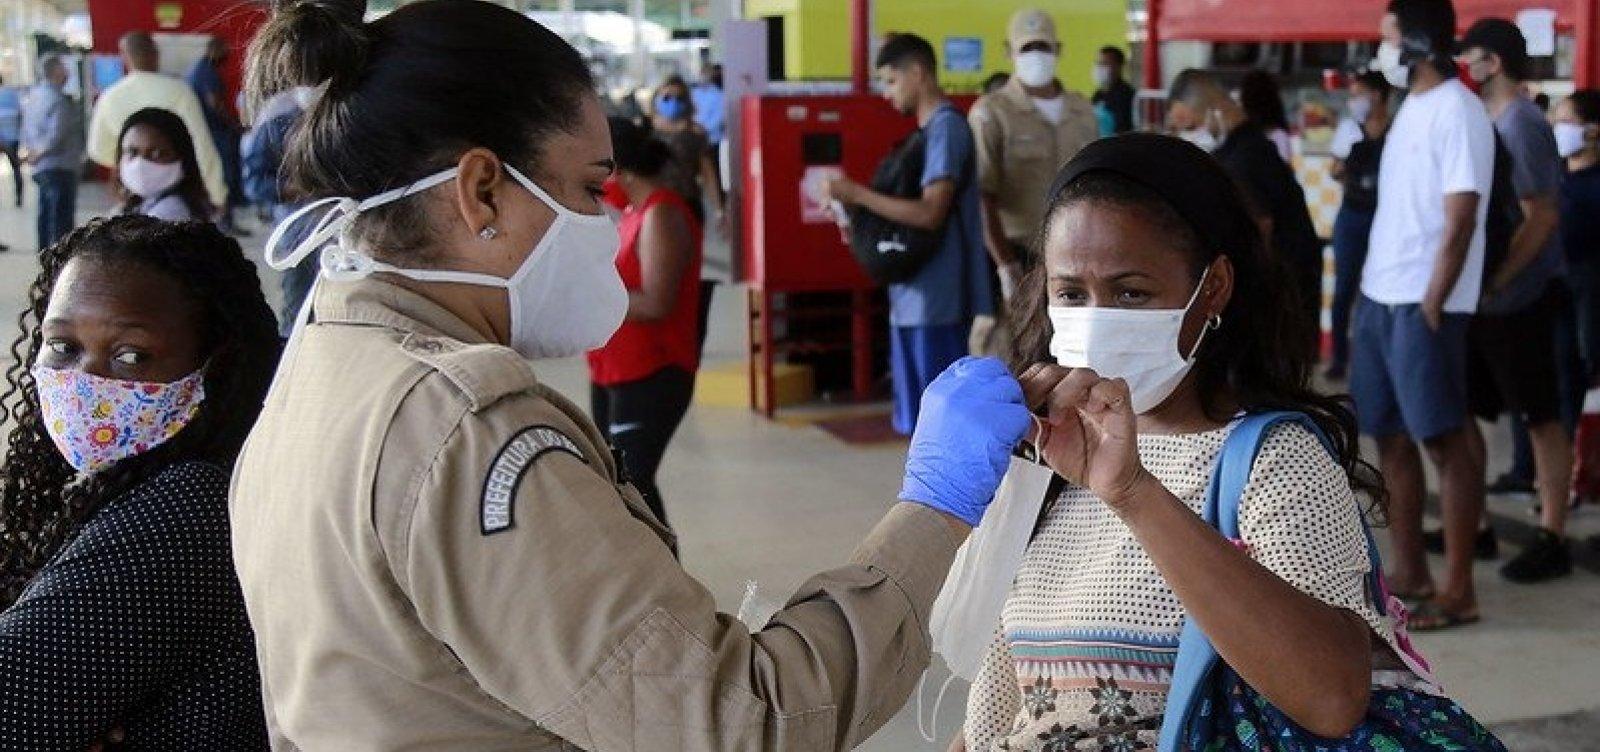 Alerj aprova lei que permite flexibilização do uso de máscaras no Rio de Janeiro